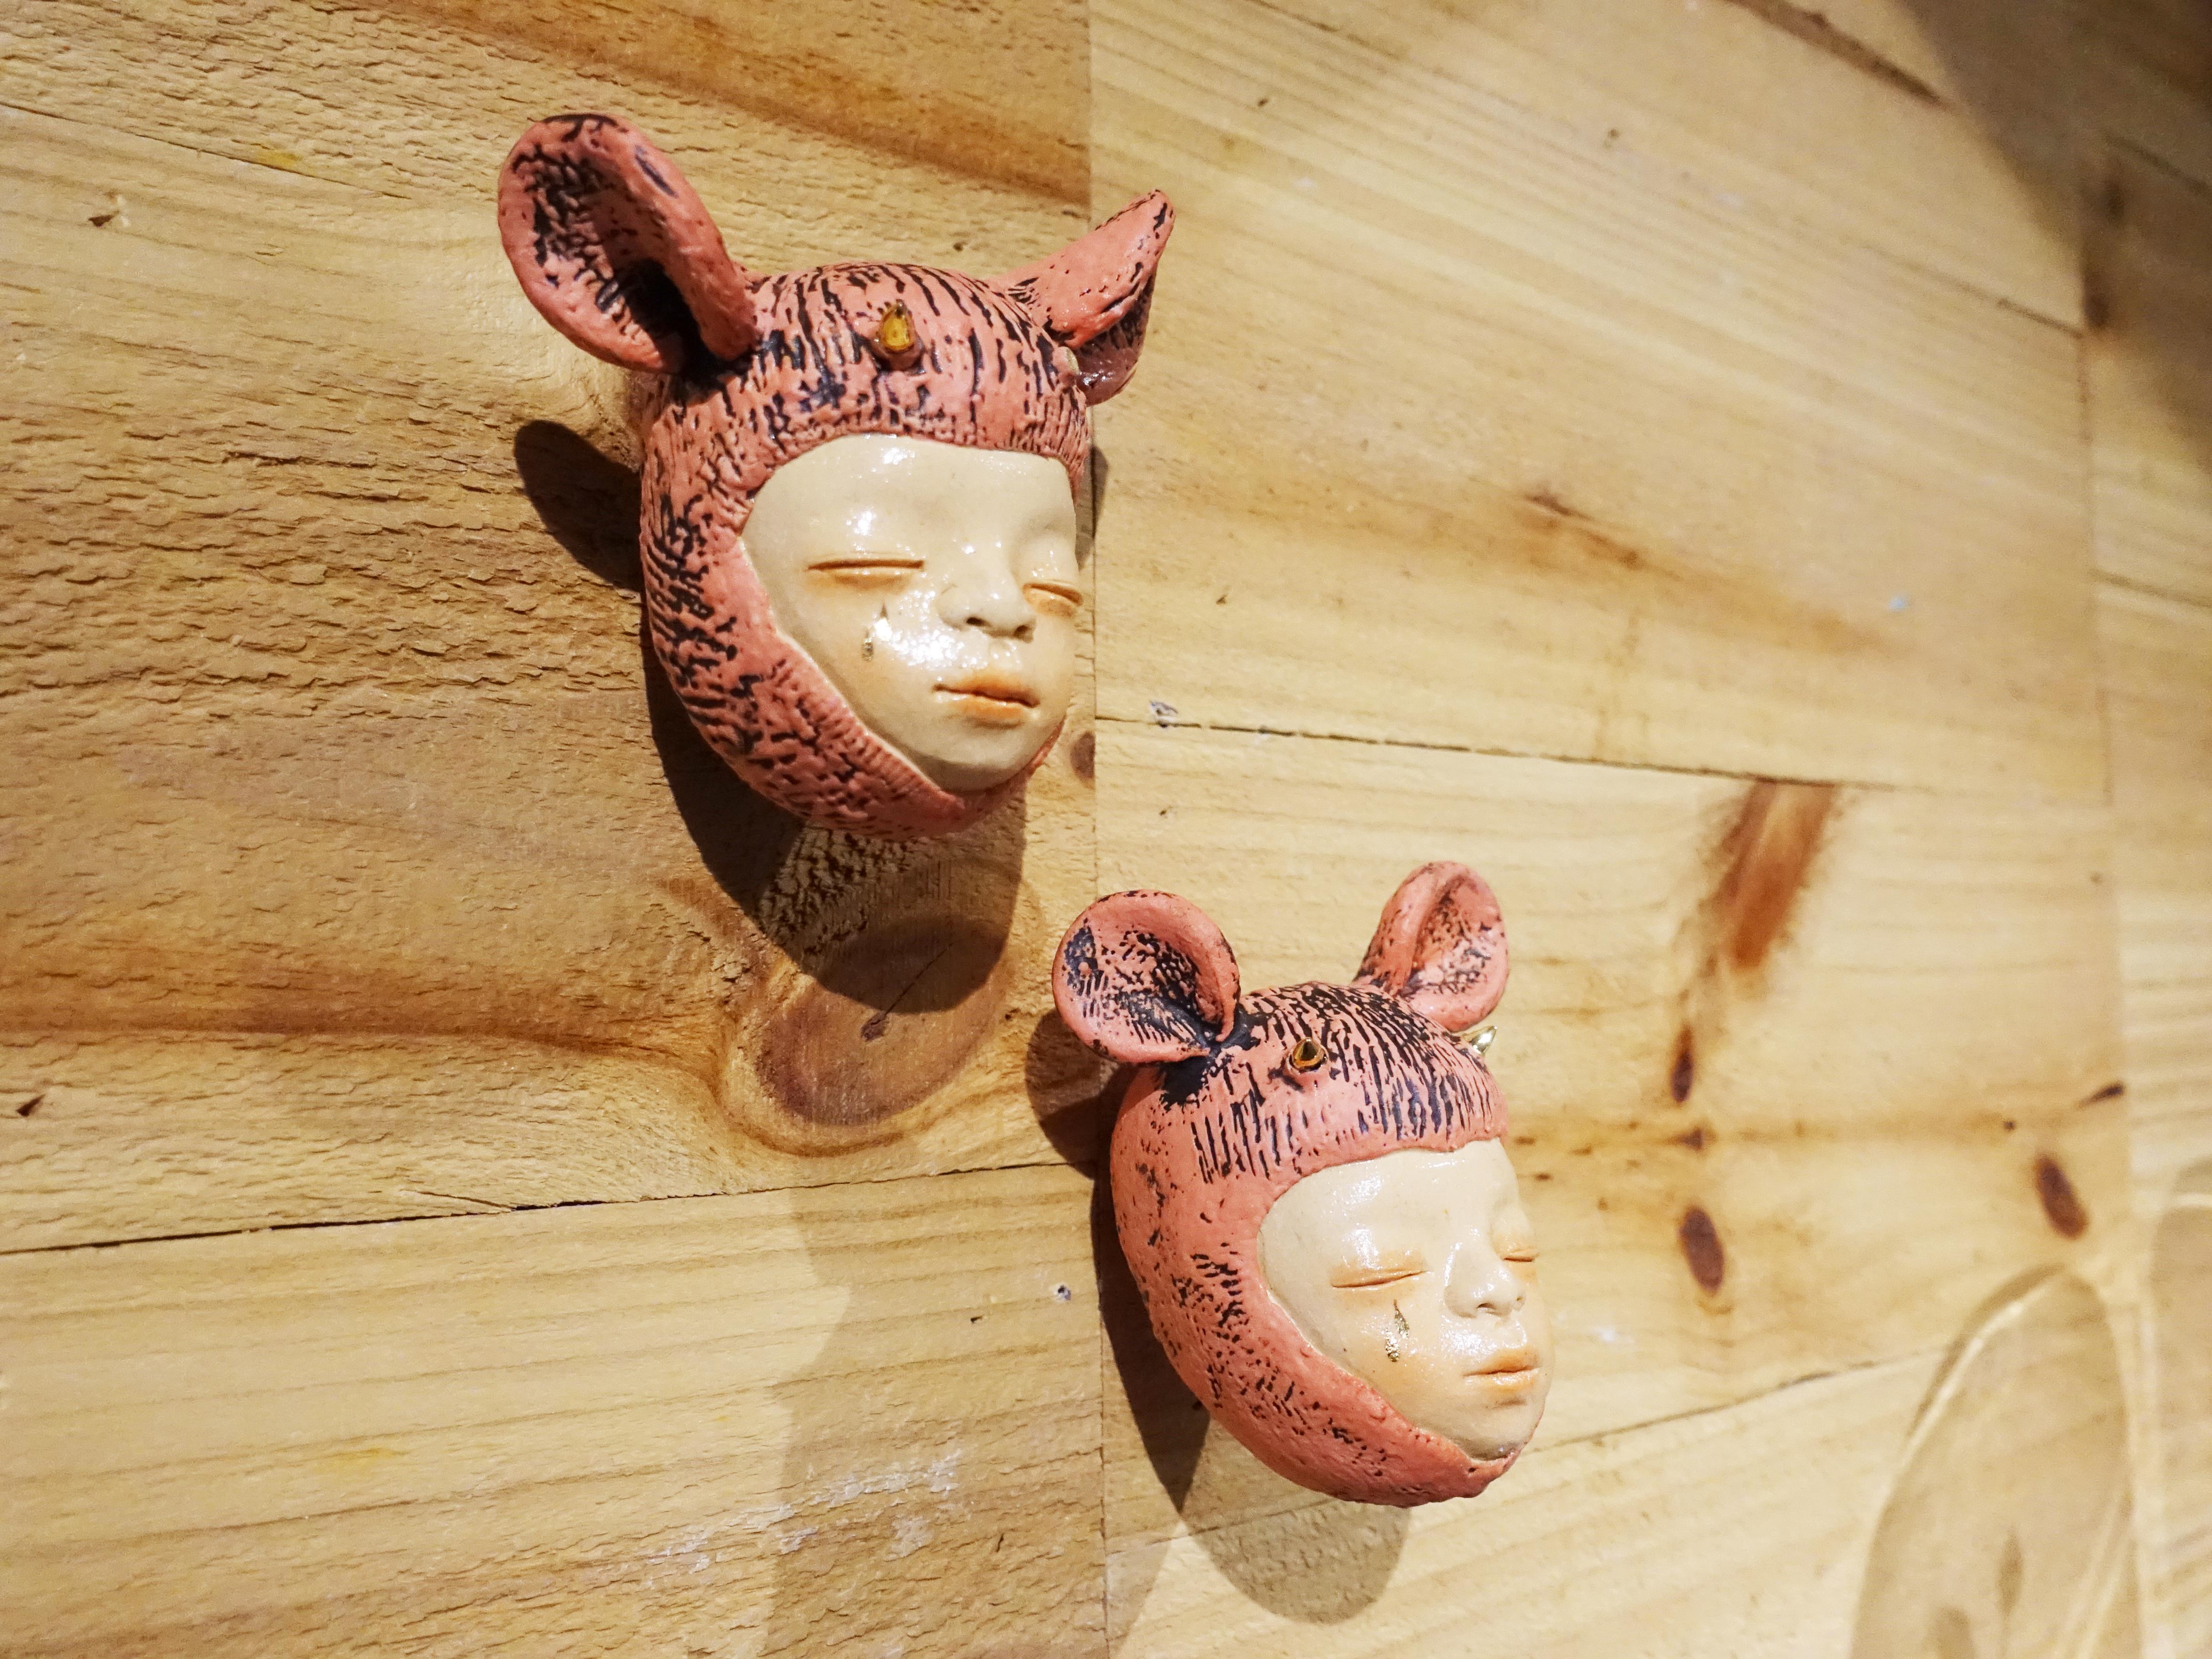 楊宗嘉,《粉紅小孩I、II》,12x12x8cm,陶瓷、釉下彩、釉上彩、釉藥,2019。